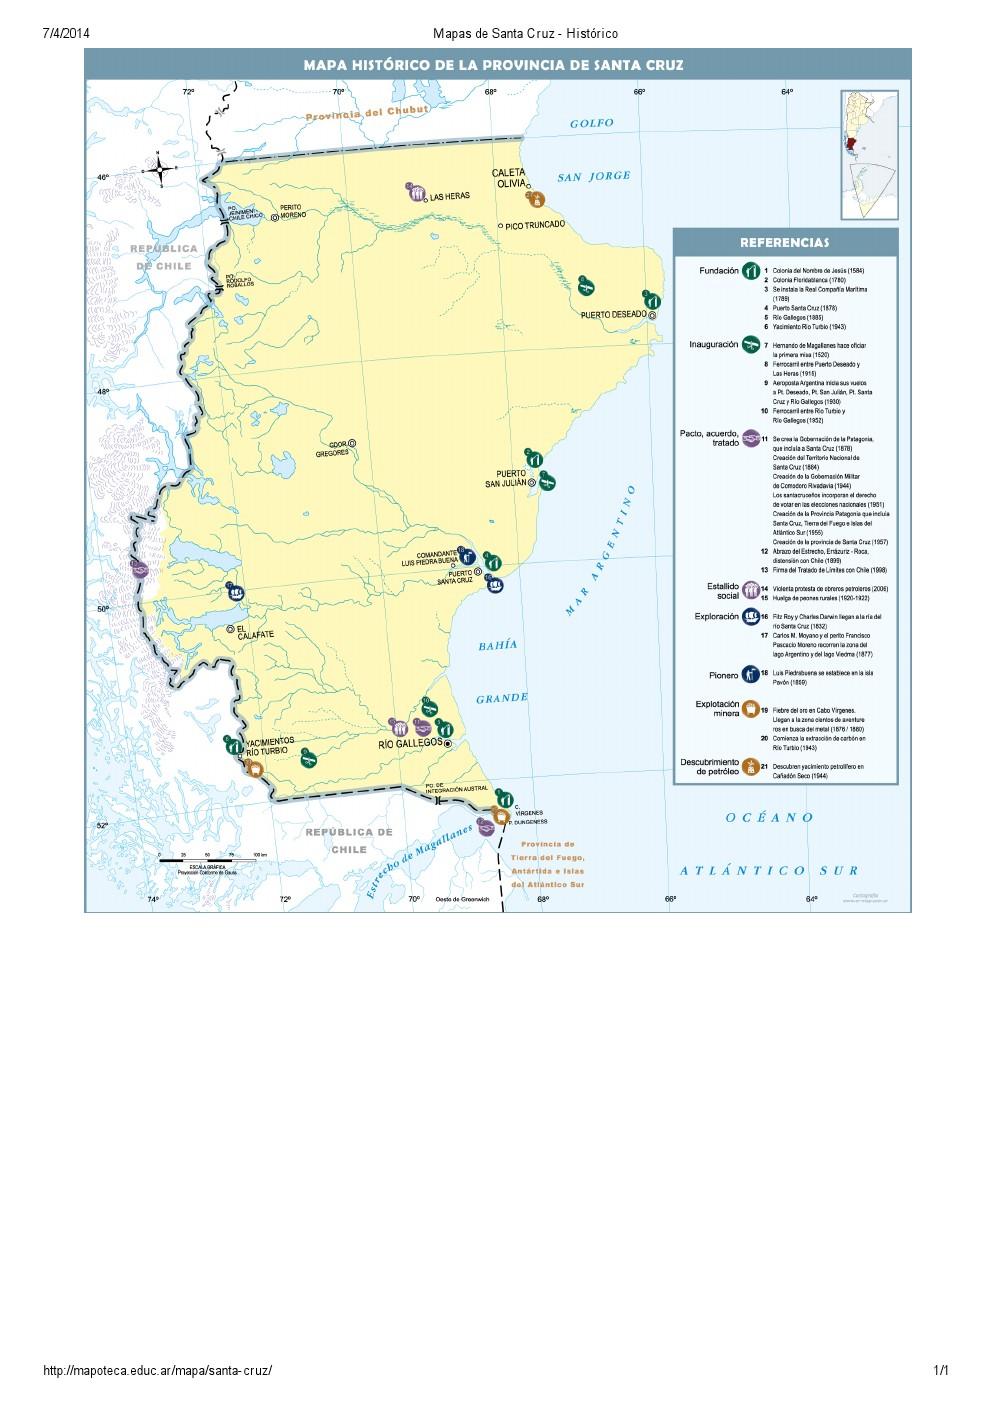 Mapa histórico de Santa Cruz. Mapoteca de Educ.ar